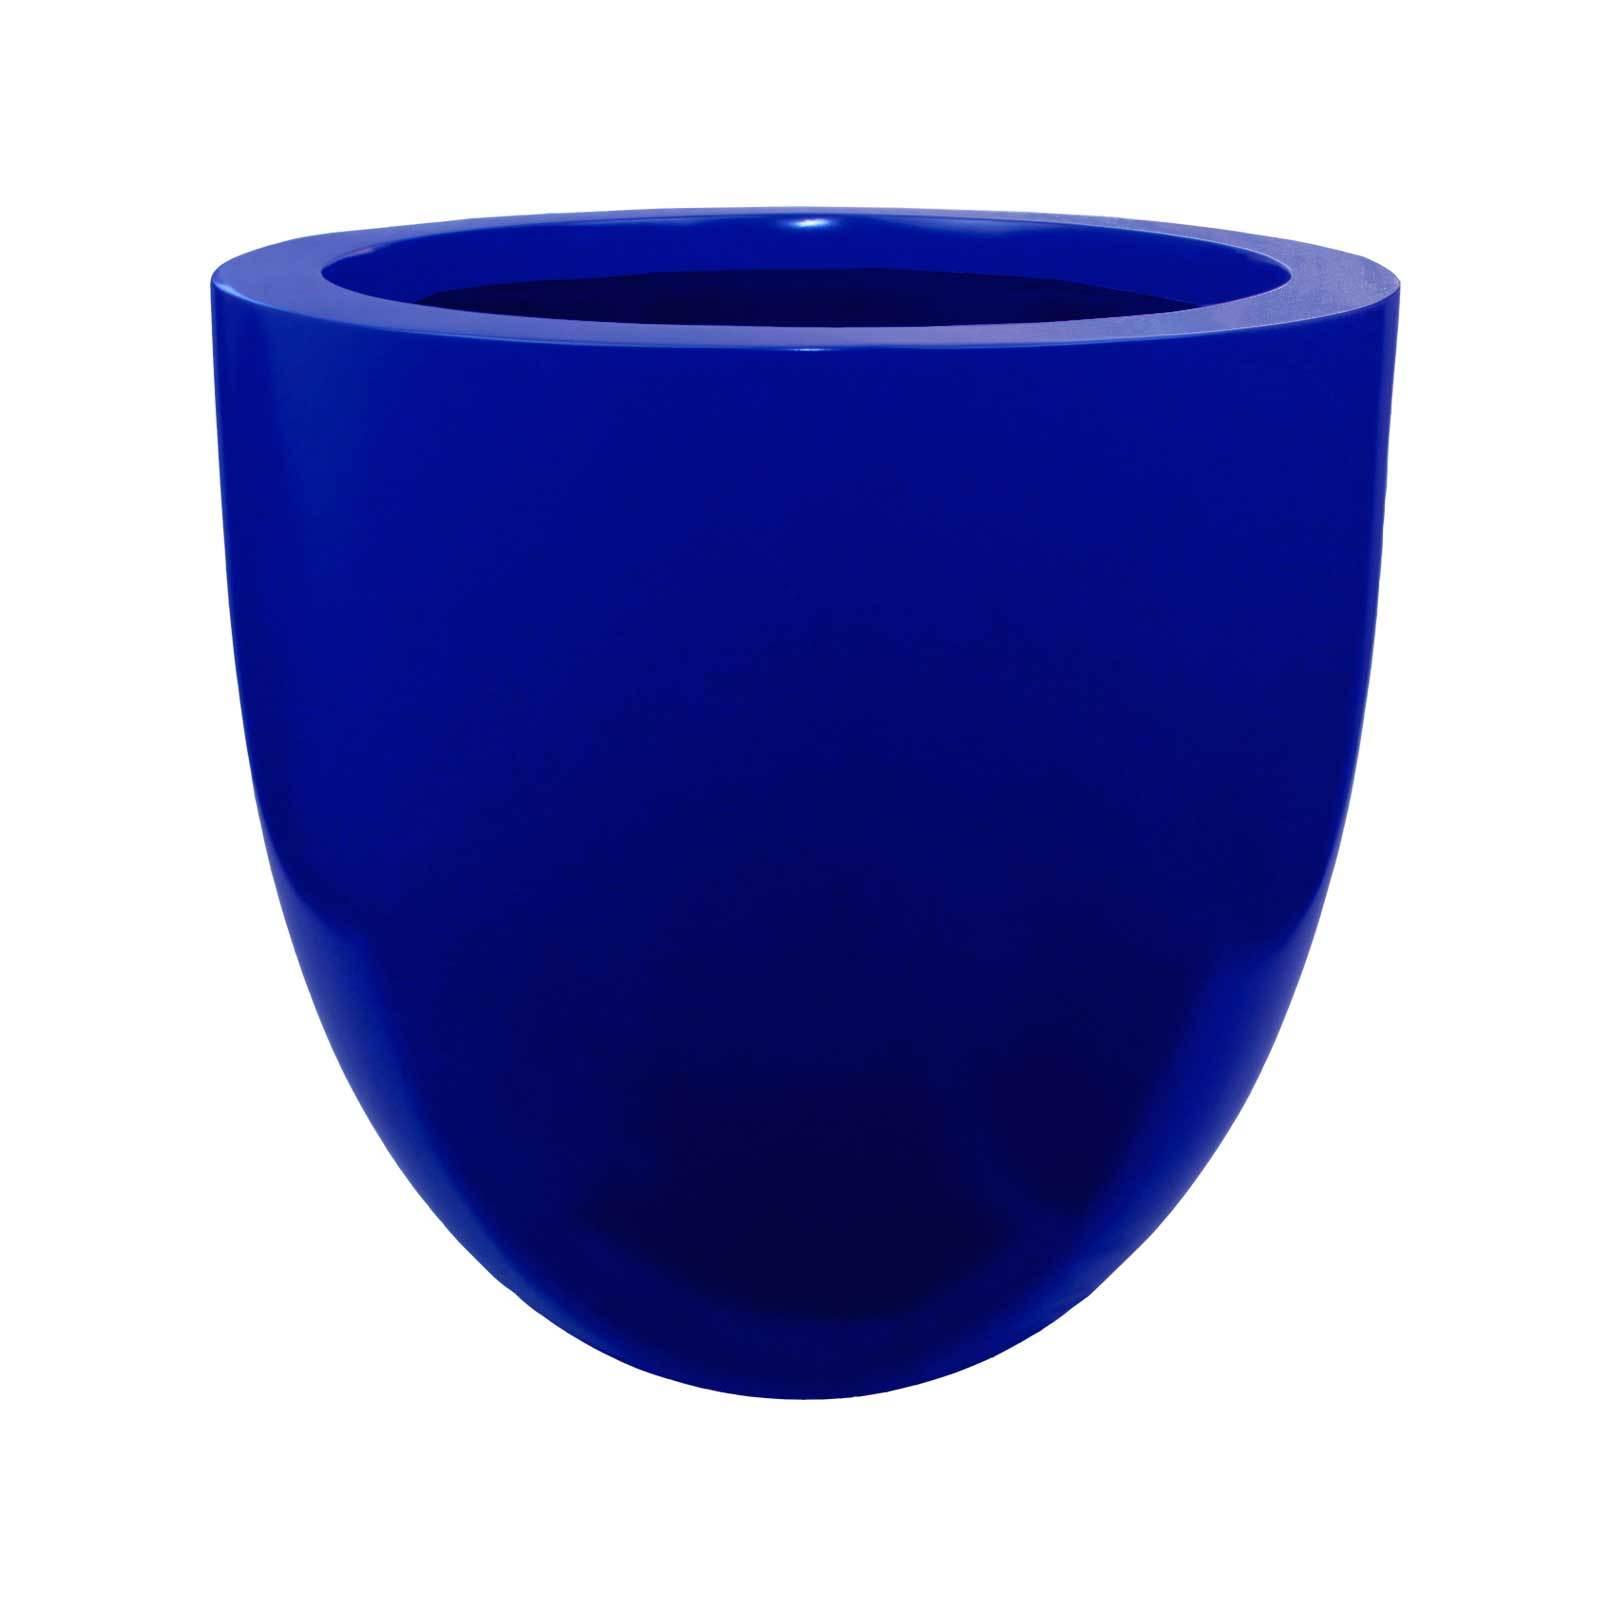 Round Planter Pots - Fiberglass - 23'/36' Diameters